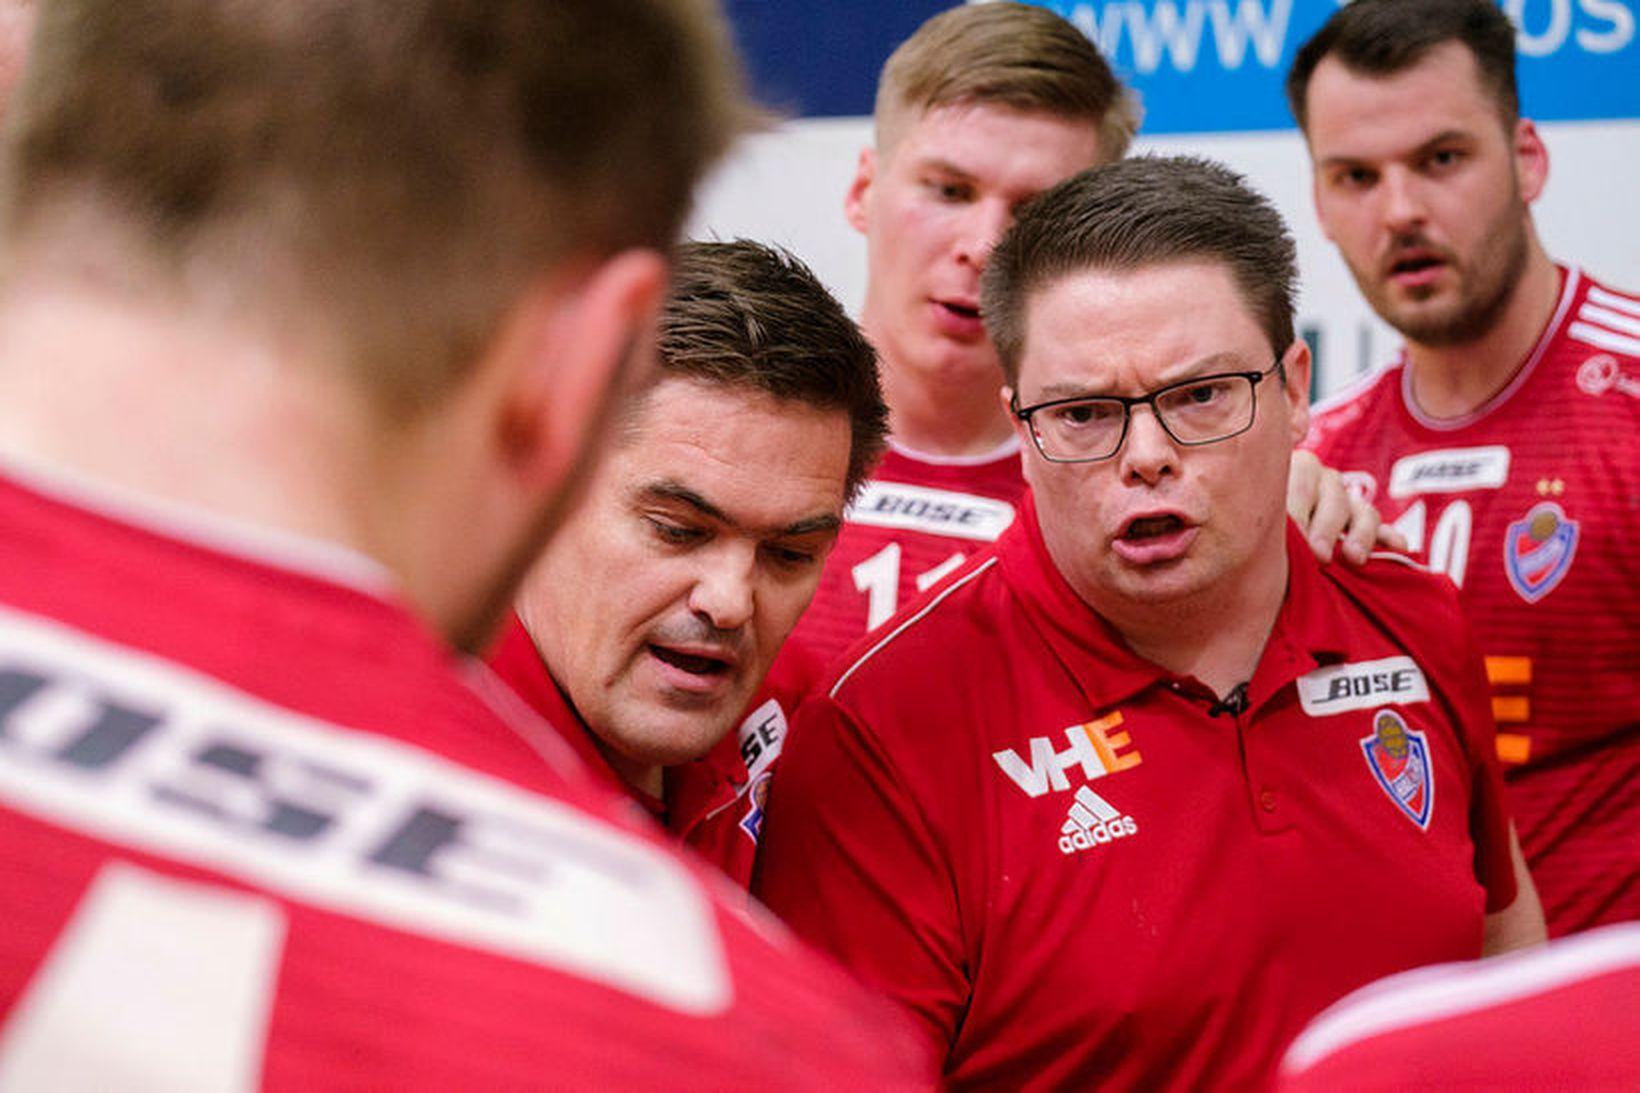 Aron Kristjánsson, Gunnar Magnússon, Daníel Þór Ingason, Heimir Óli Heimisson.